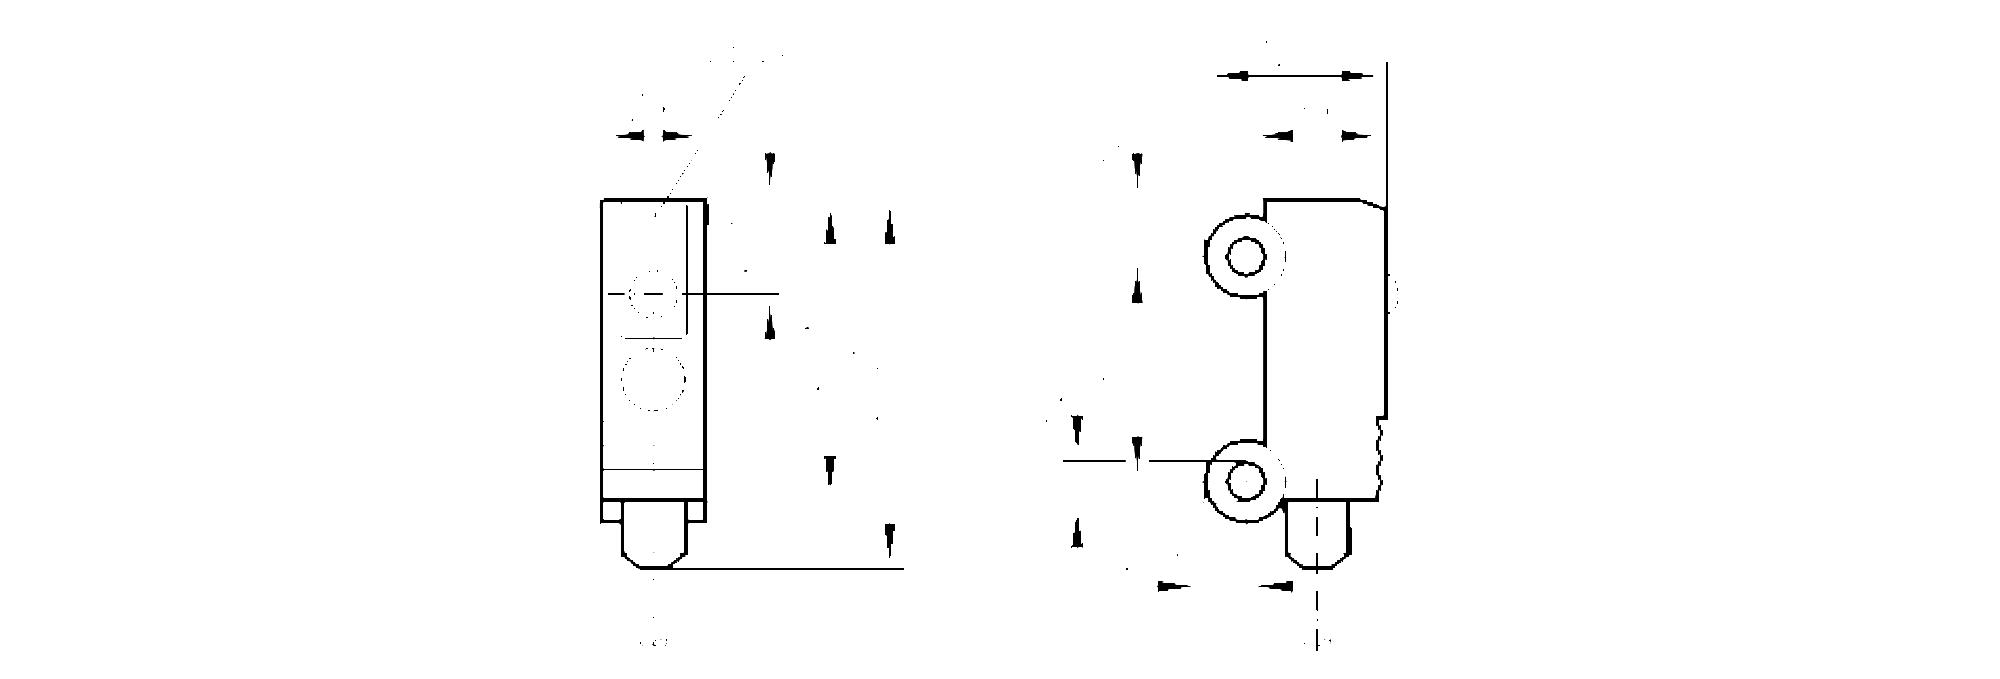 oh5002 - through-beam sensor receiver